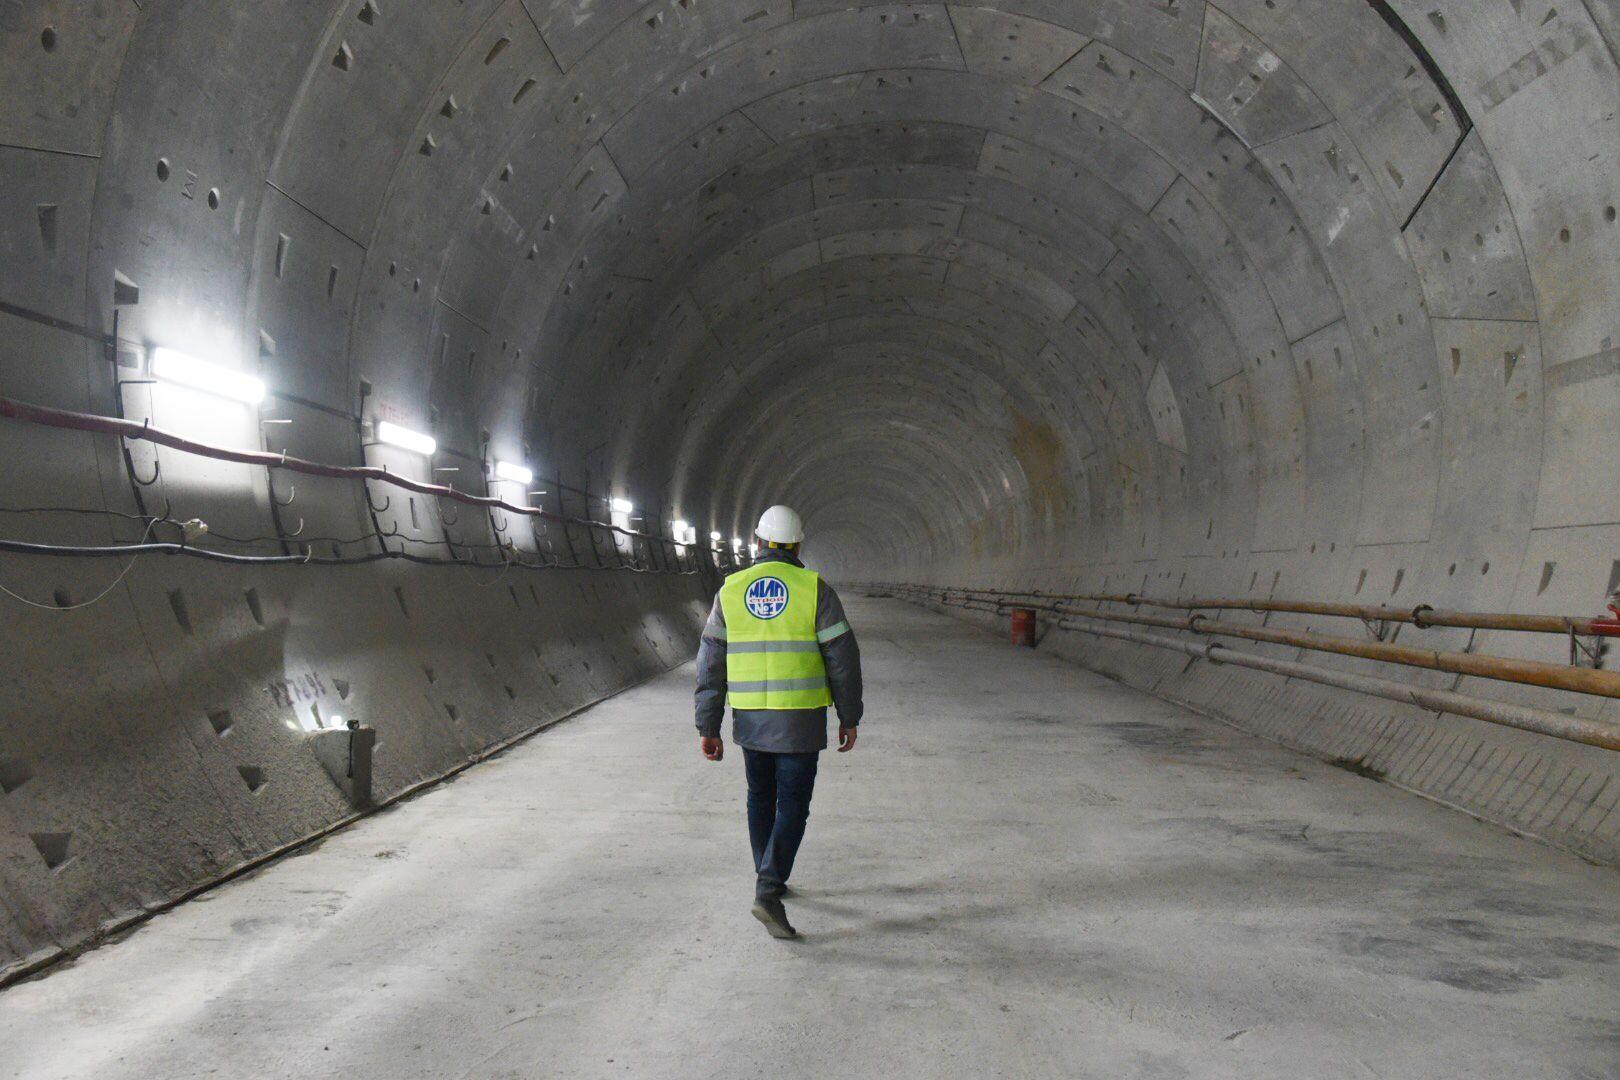 Бирюлевская линия придет в Щербинку через восемь лет